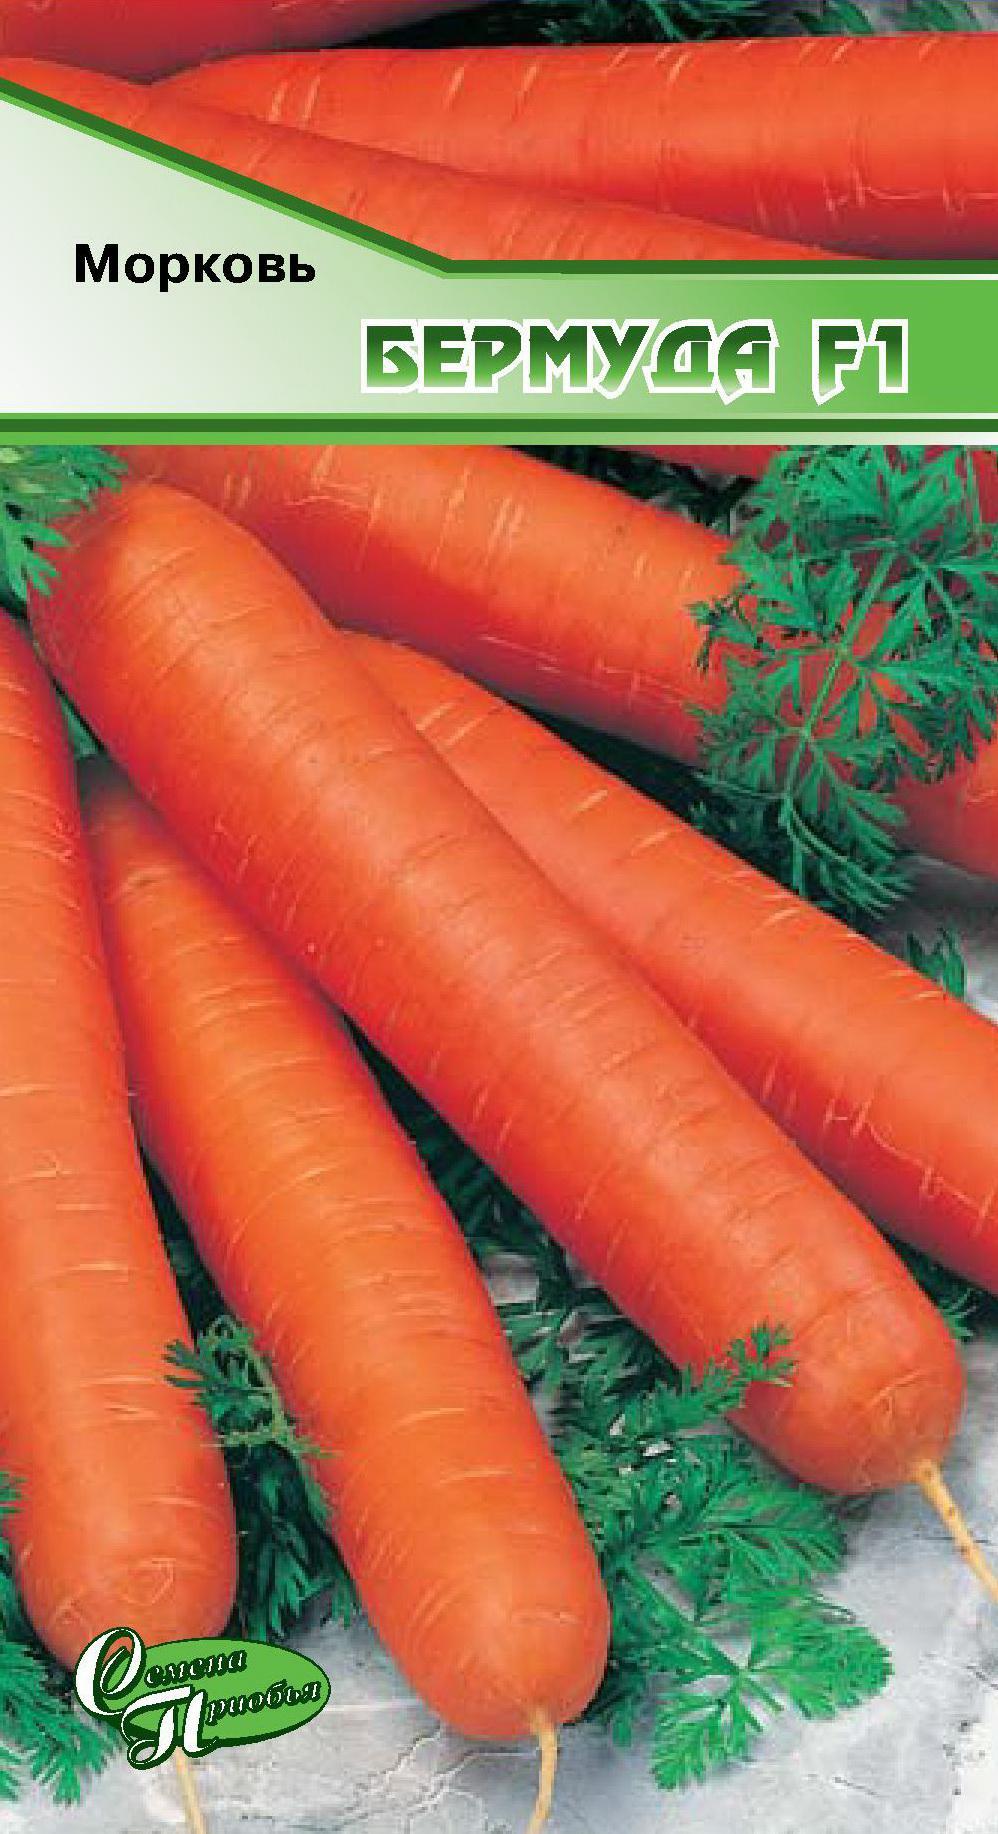 Морковь Бермуда F1 ф.п.1г